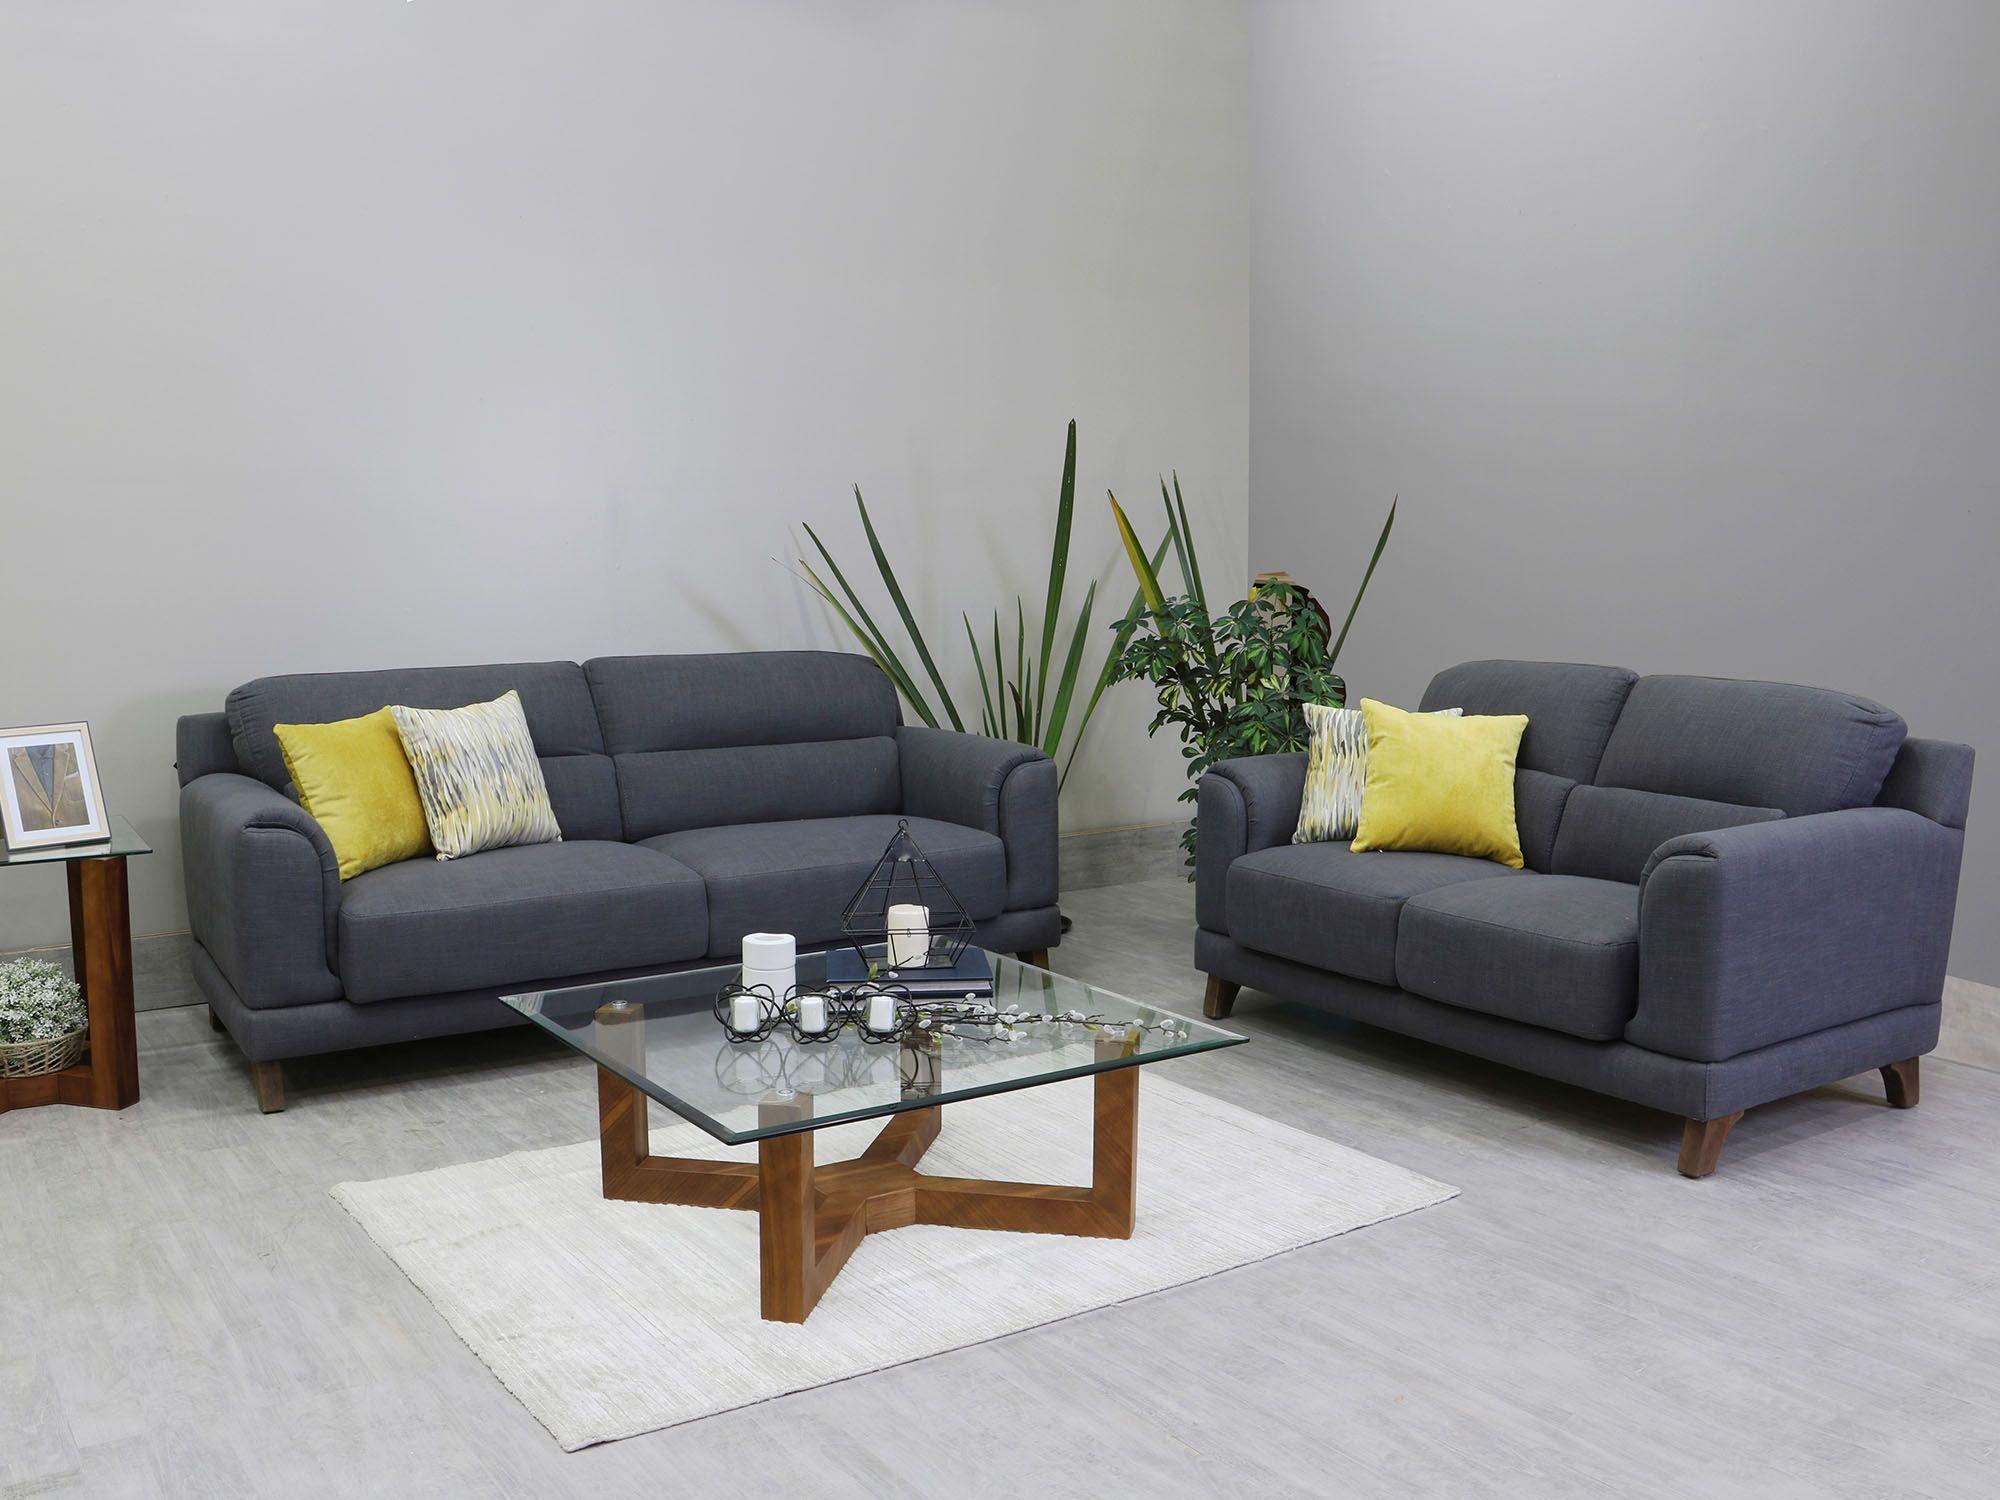 Sala 3,2 Sofia Lugano Alexa Contemporánea de tela | my apartment ...